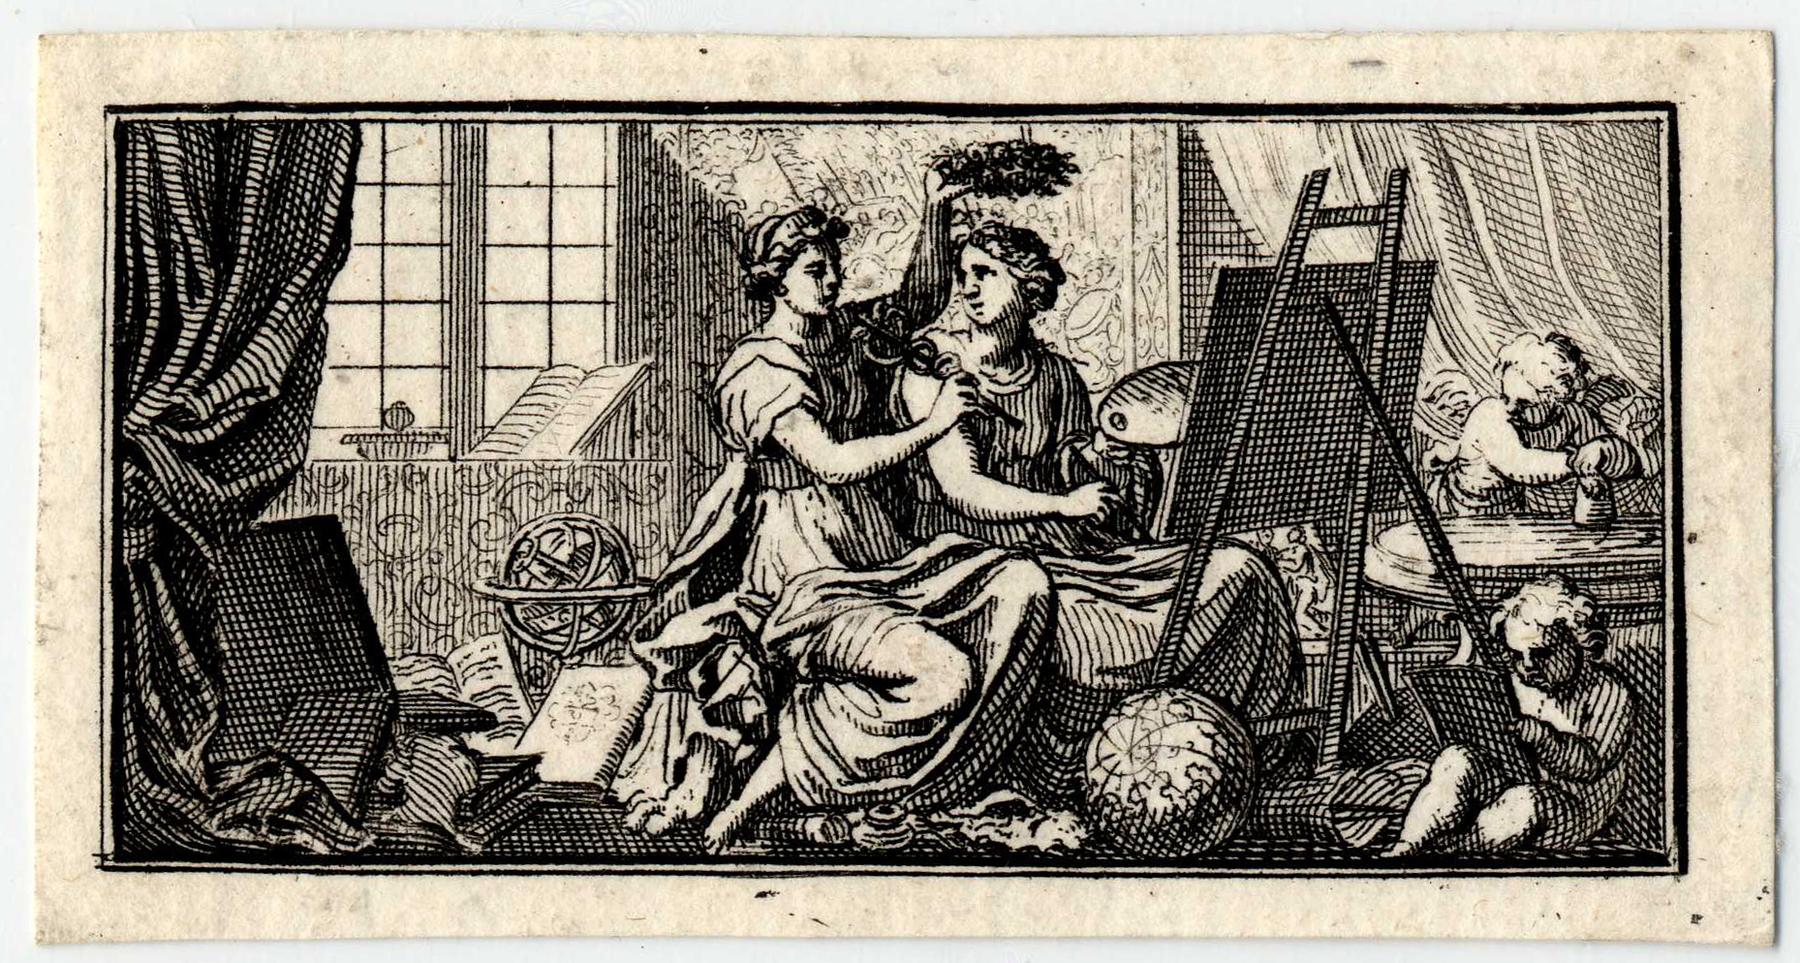 Contenu du La Promenade de Saint-Germain: La Poésie couronne de lauriers la Peinture